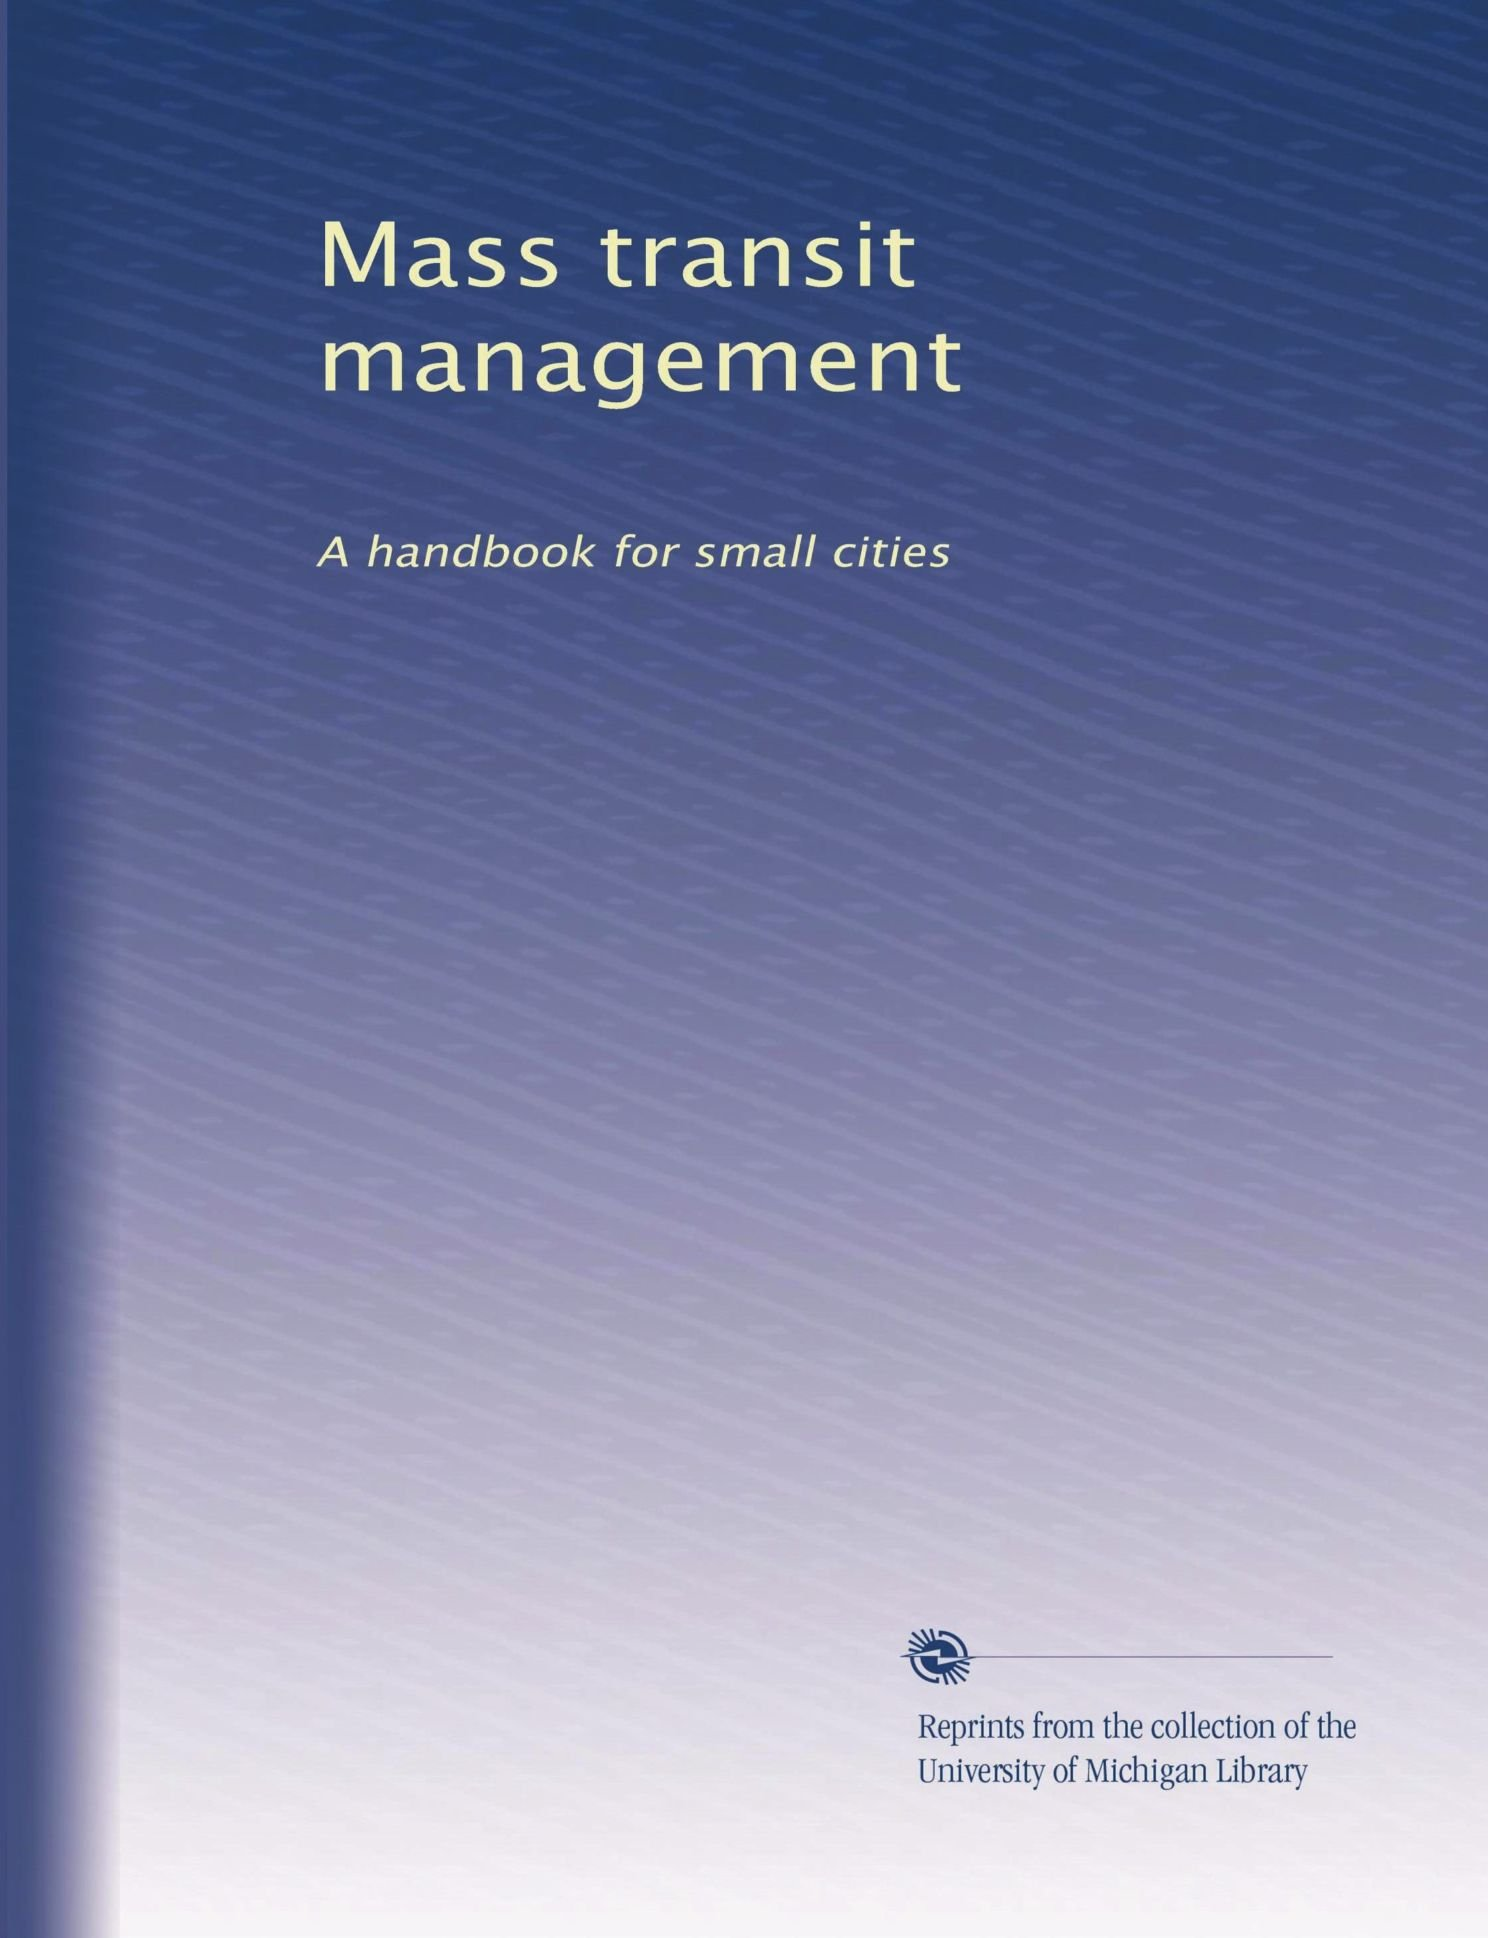 Mass transit management: A handbook for small cities (Volume 4)